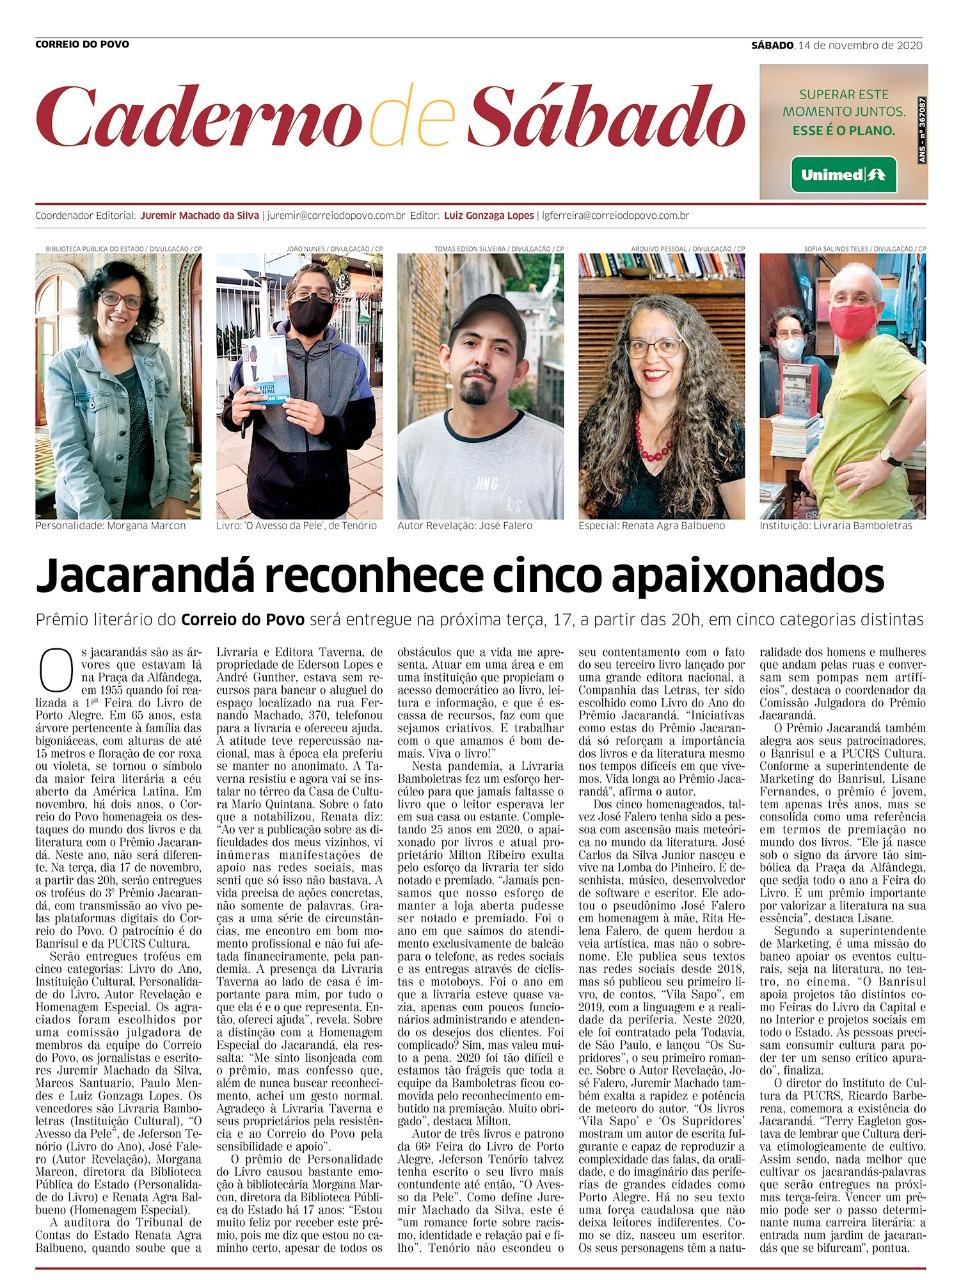 Bamboletras premiada com o Jacarandá 2020